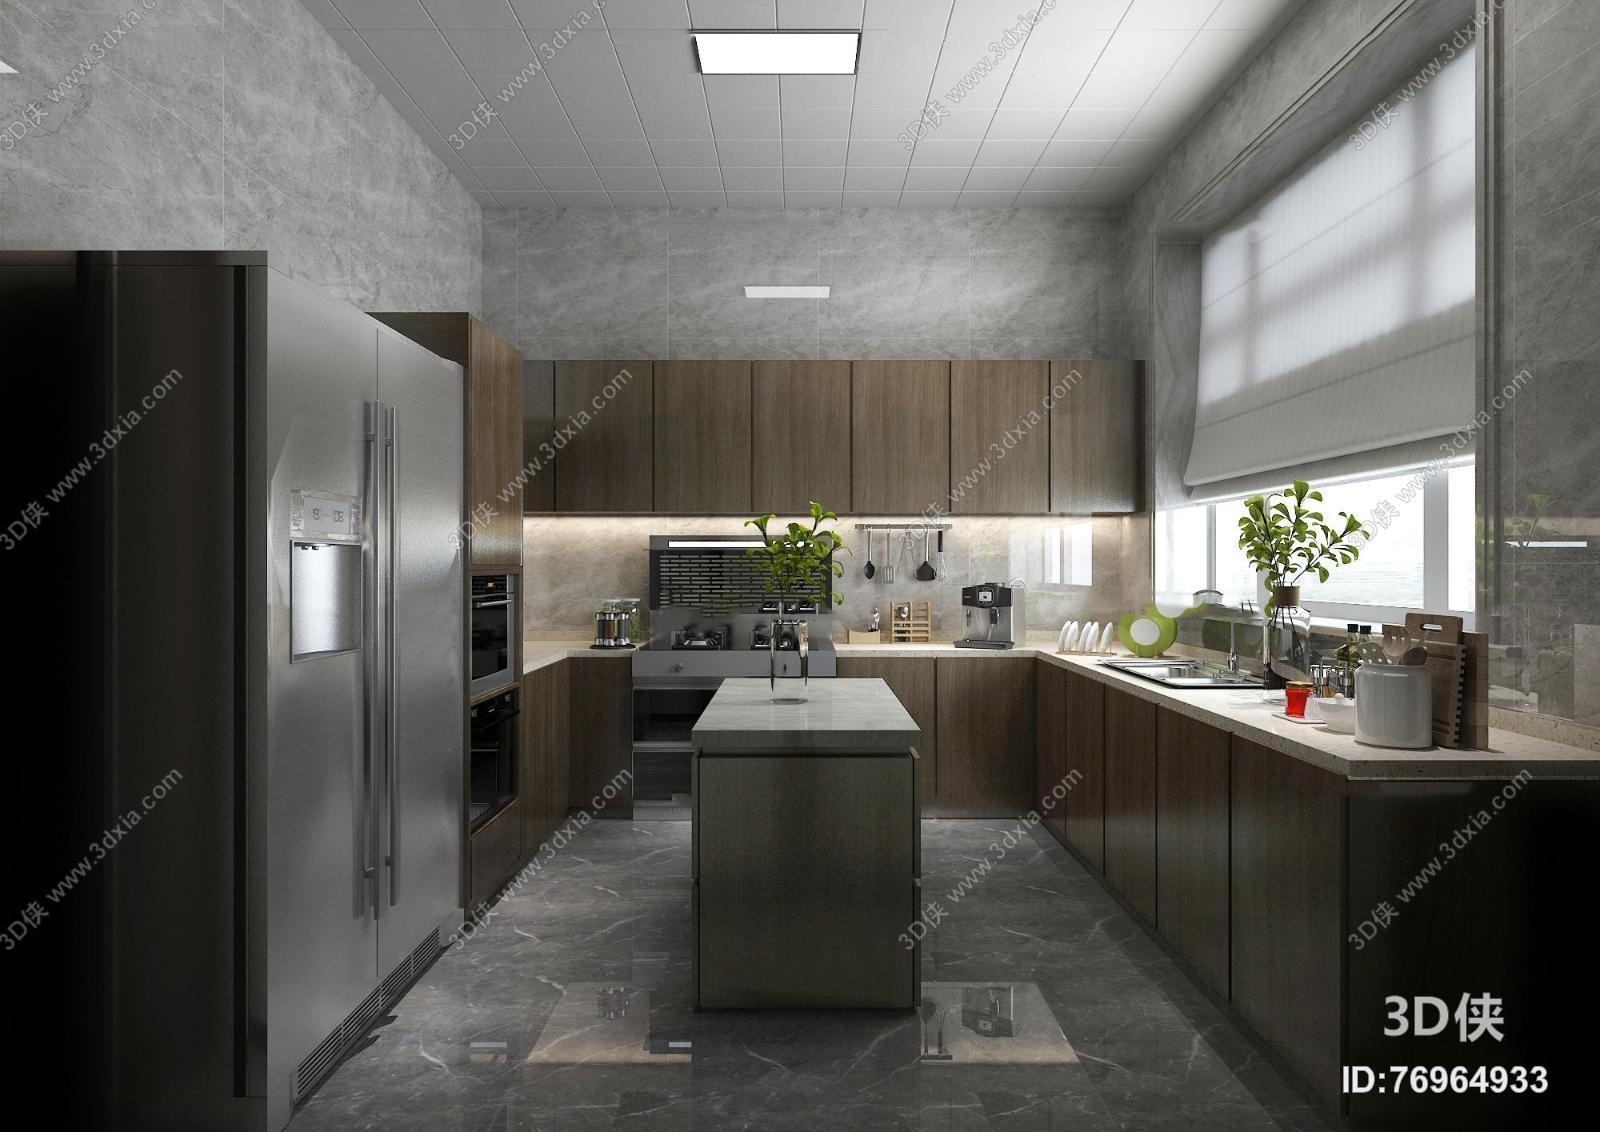 港式厨房橱柜餐具3D模型